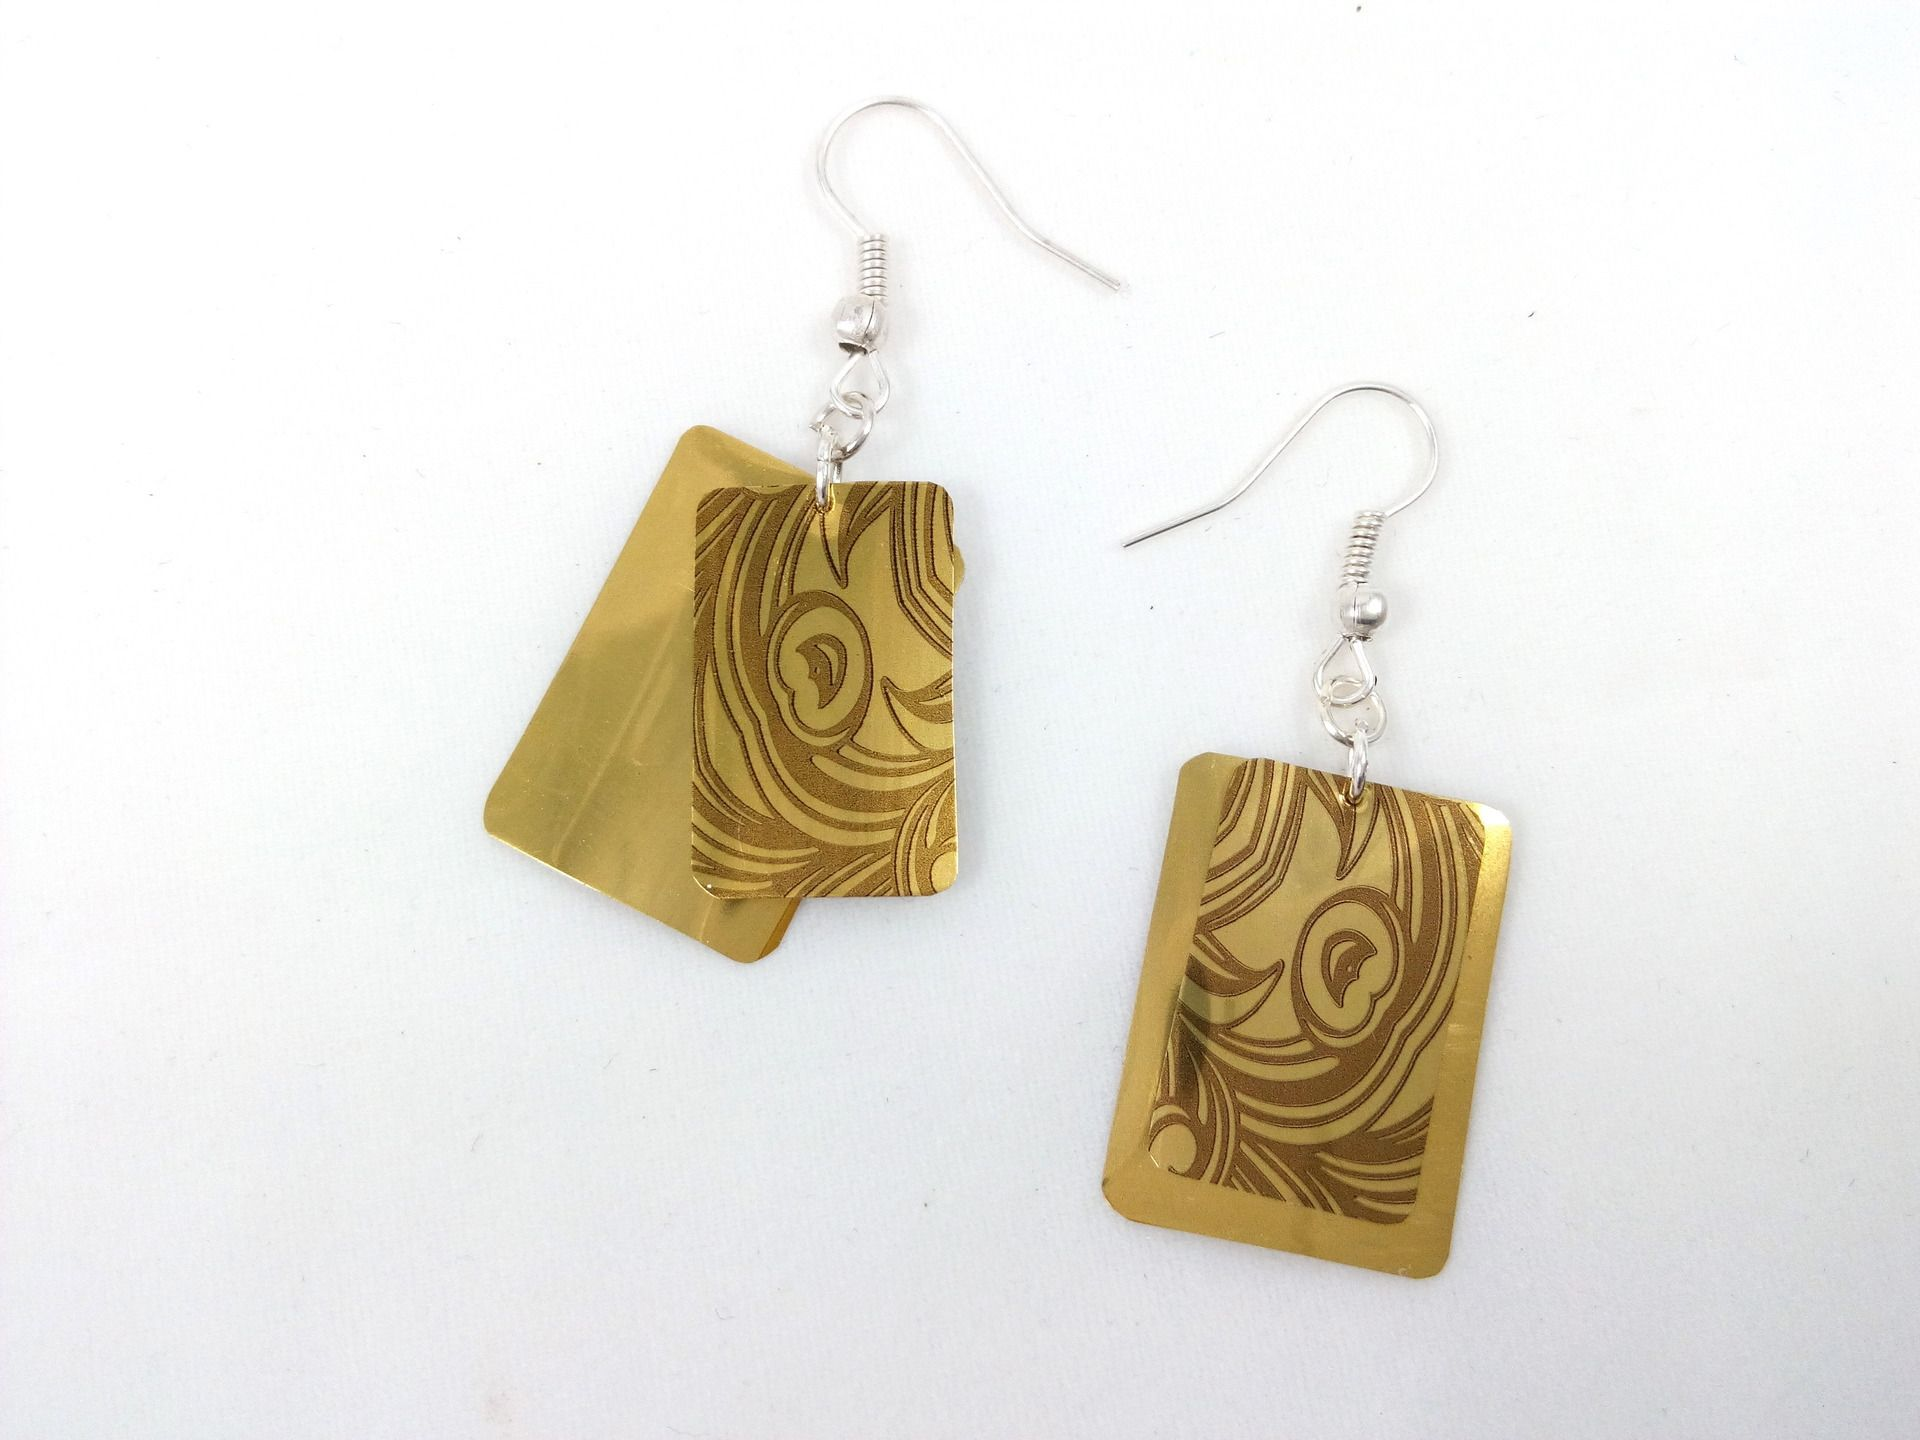 Boucles d'oreille dorées à motif marron en cannette recyclée